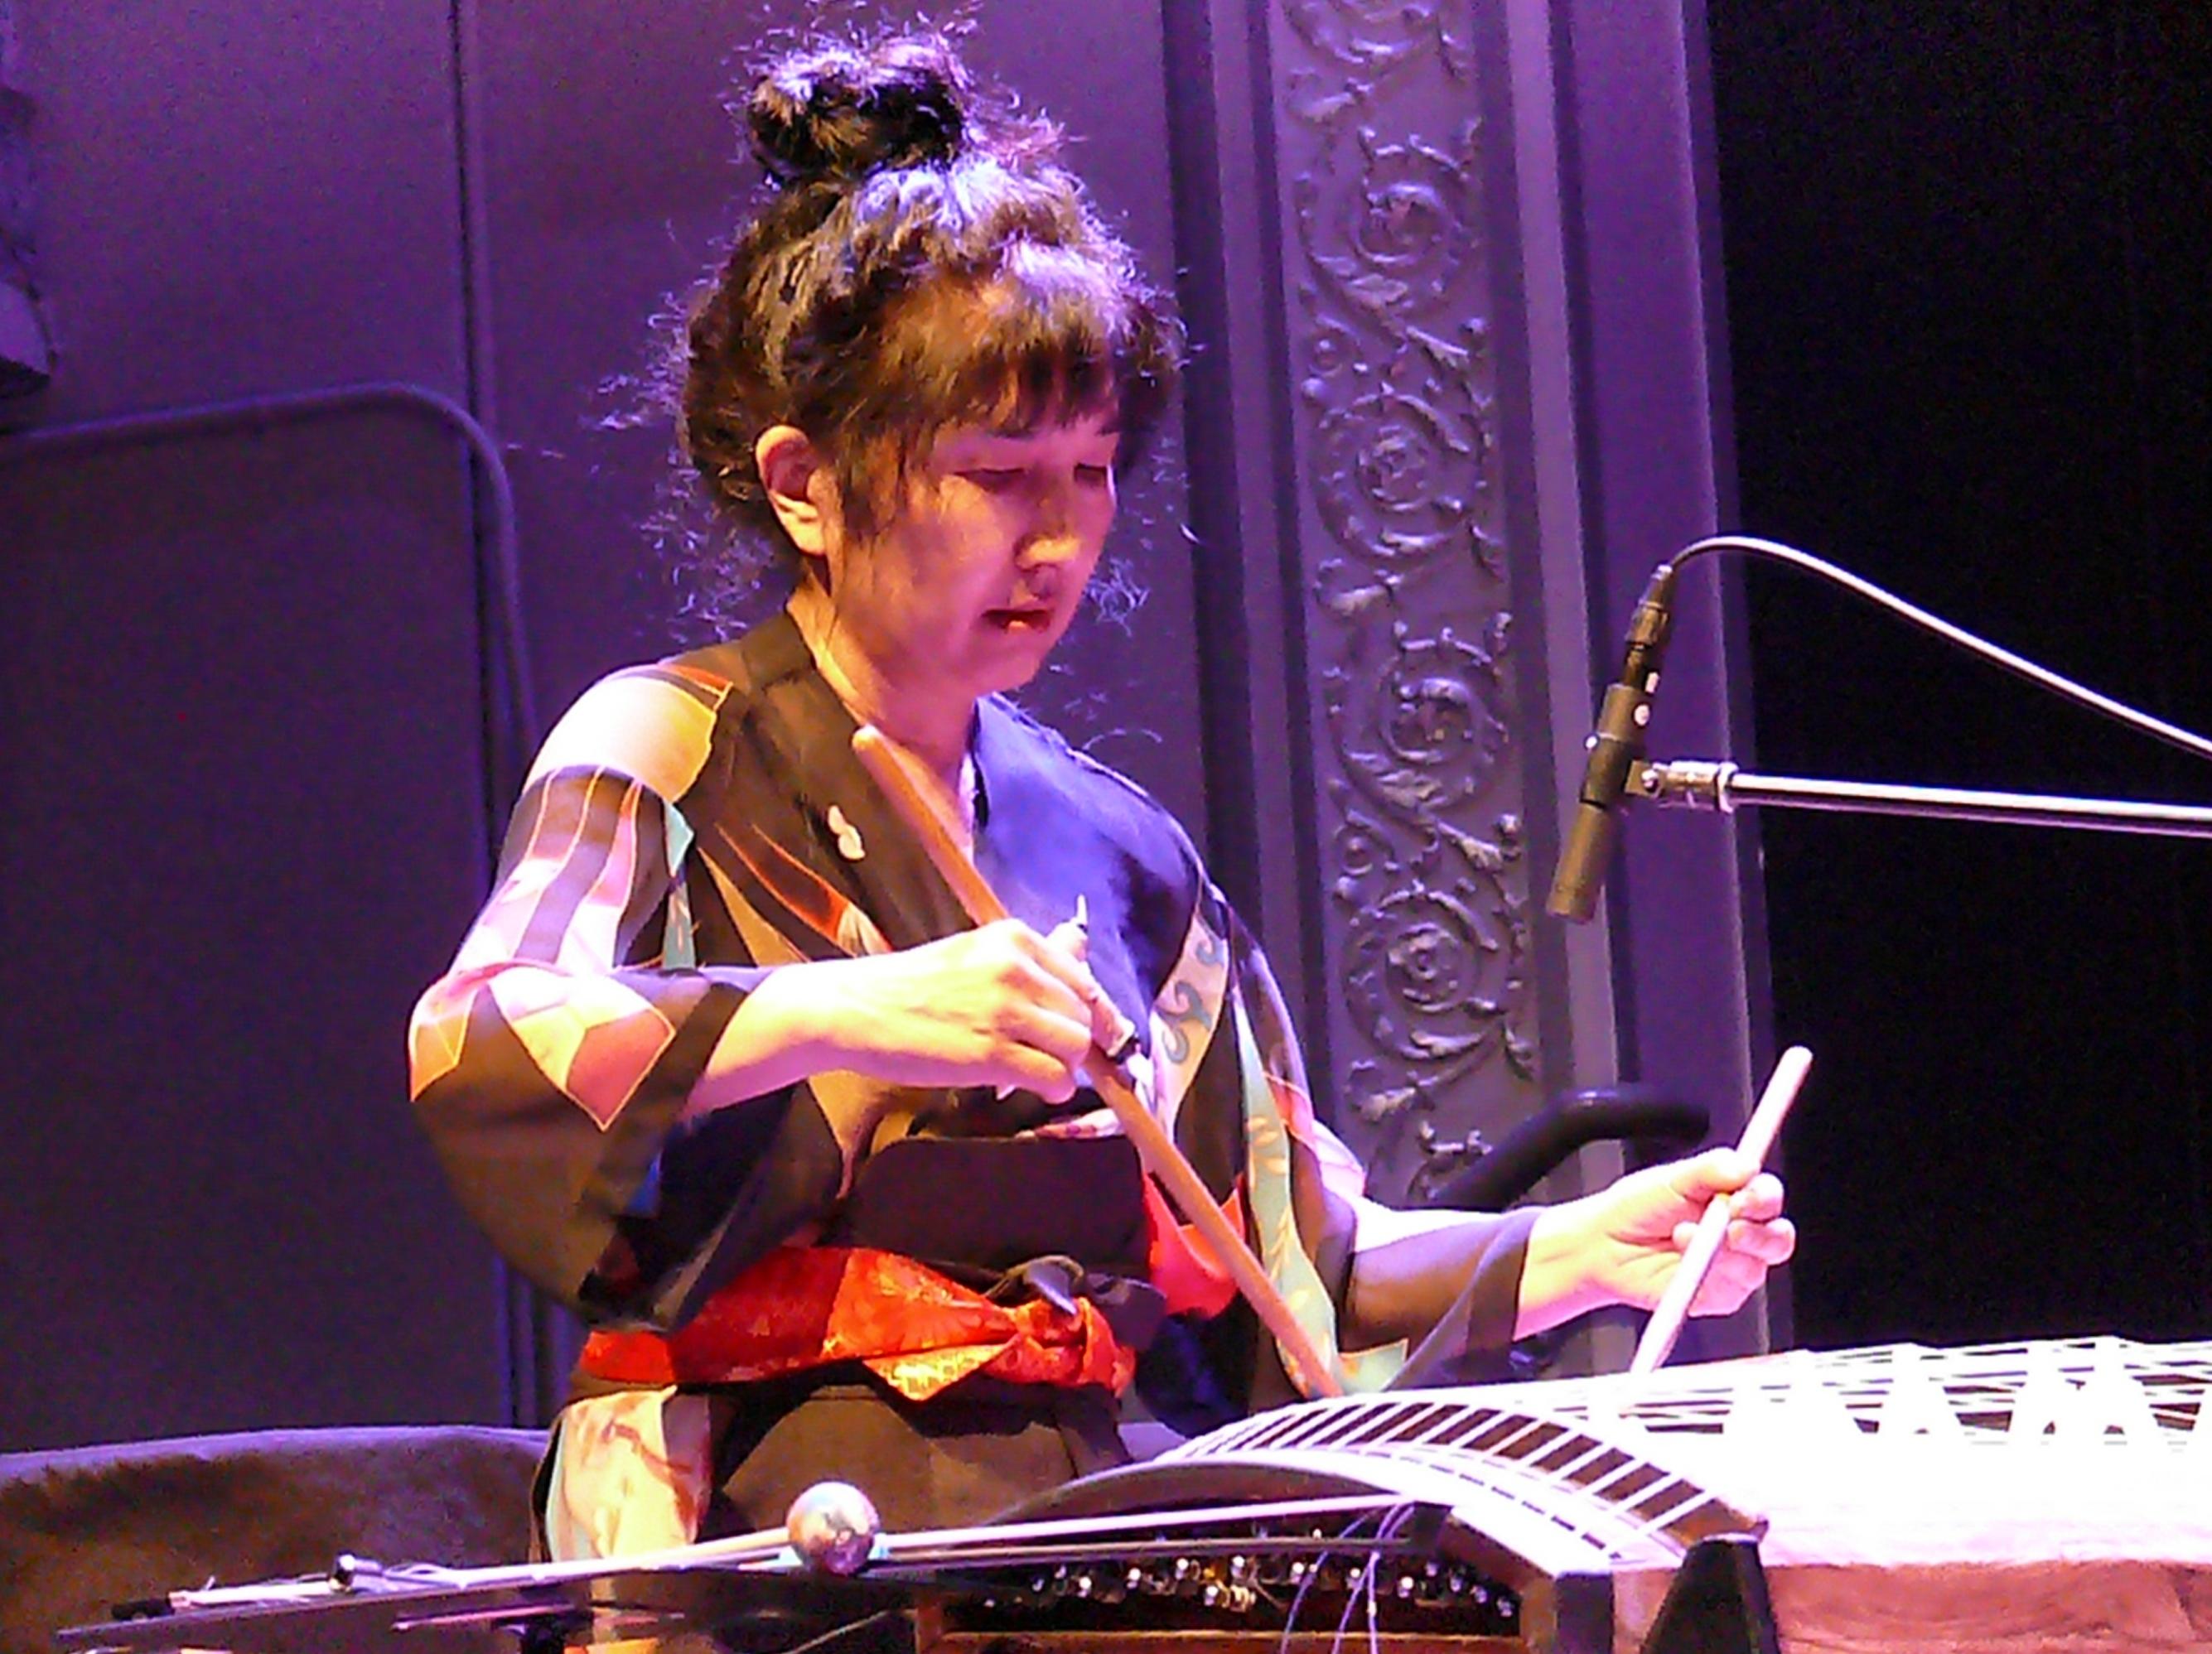 Miya masaoka at the vision festival, new york in june 2013